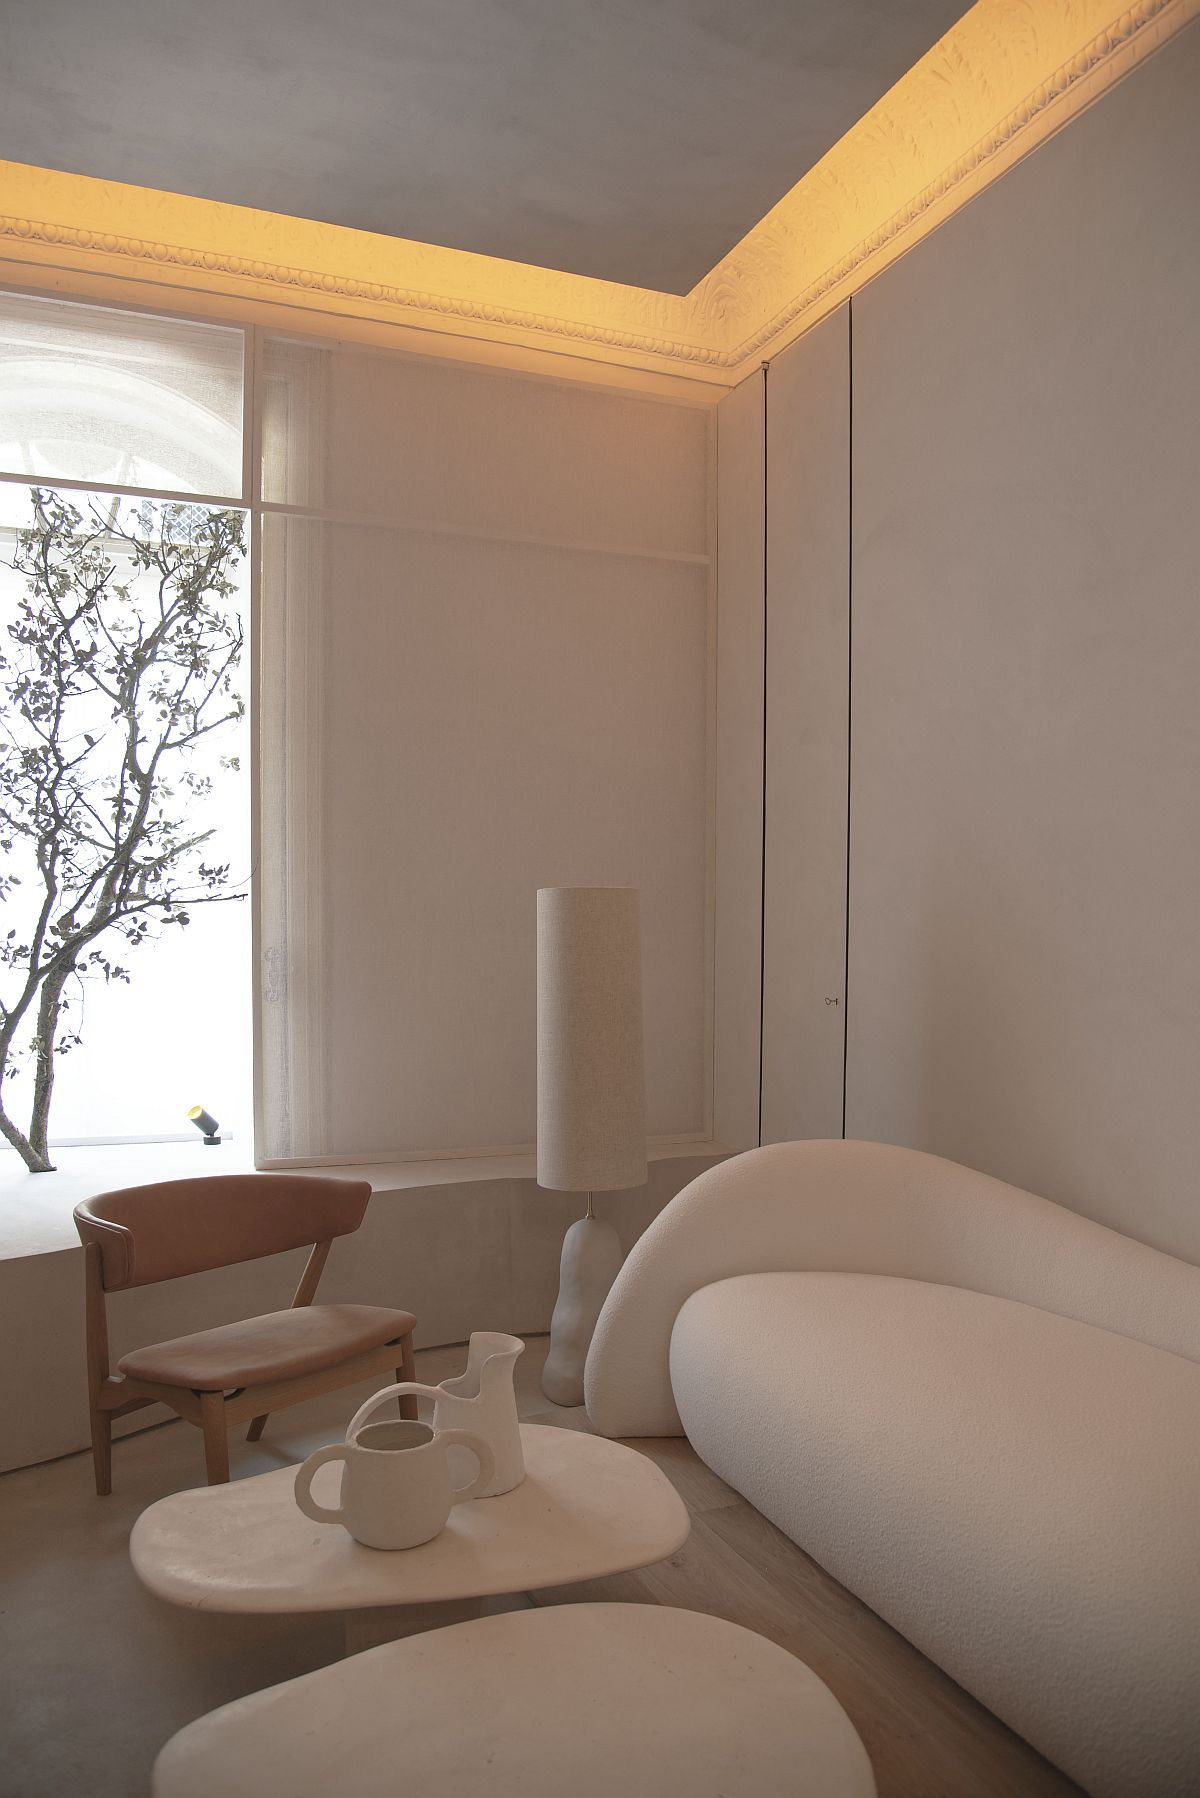 Mobilierul este realizat din lemn masiv de către firma Detarima, iar piesele tapițate executate de către atelierul Pepe Penalver.